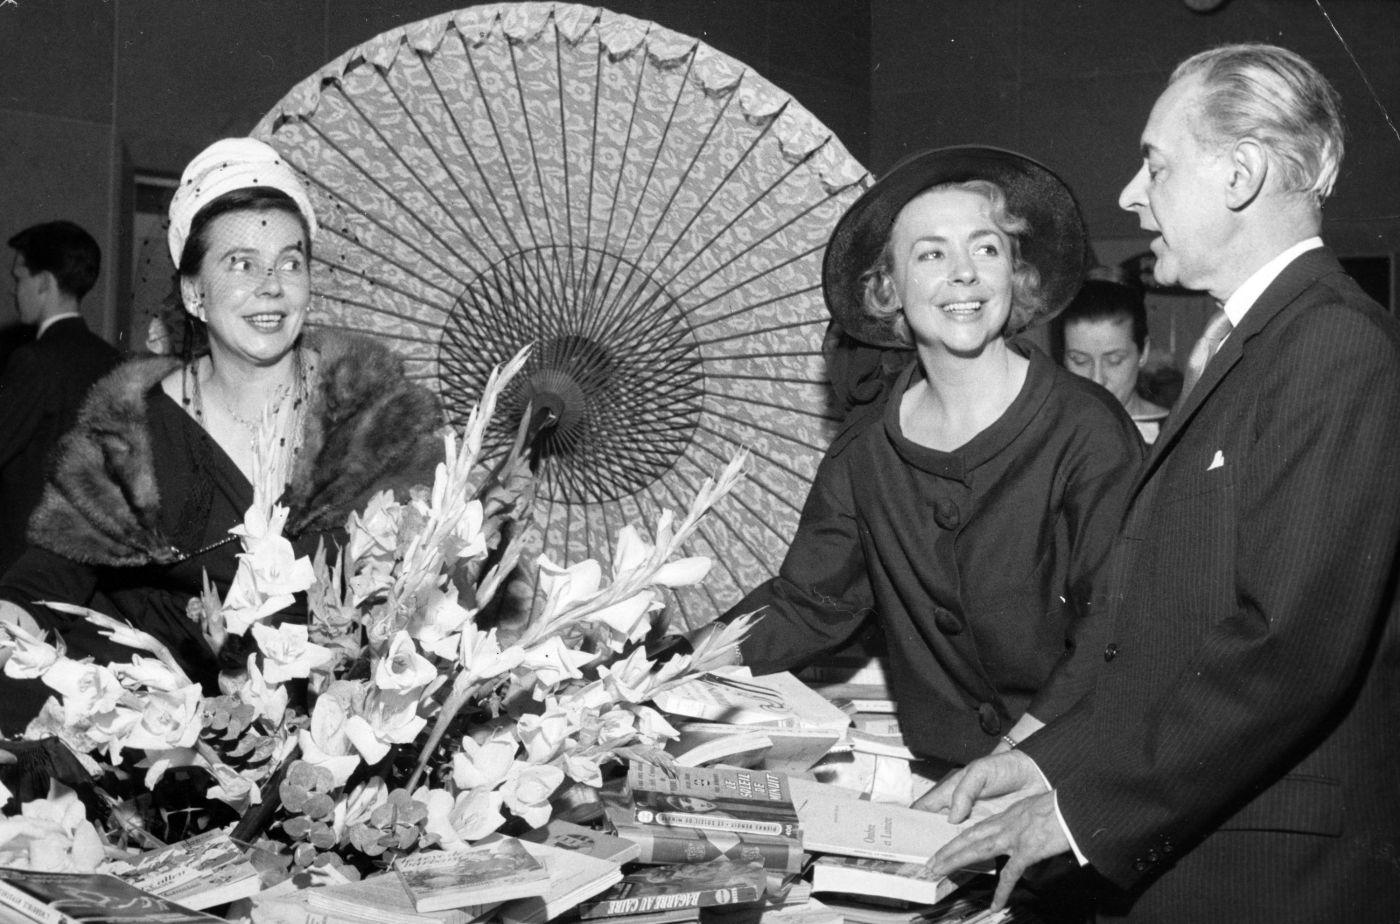 Photographie en noir et blanc de deux élégantes femmes d'âge moyen et d'un homme d'âge mûr, de chaque côté d'une table remplie de livres. Sur la table sont posés un grand bouquet de fleurs et un parasol ouvert.